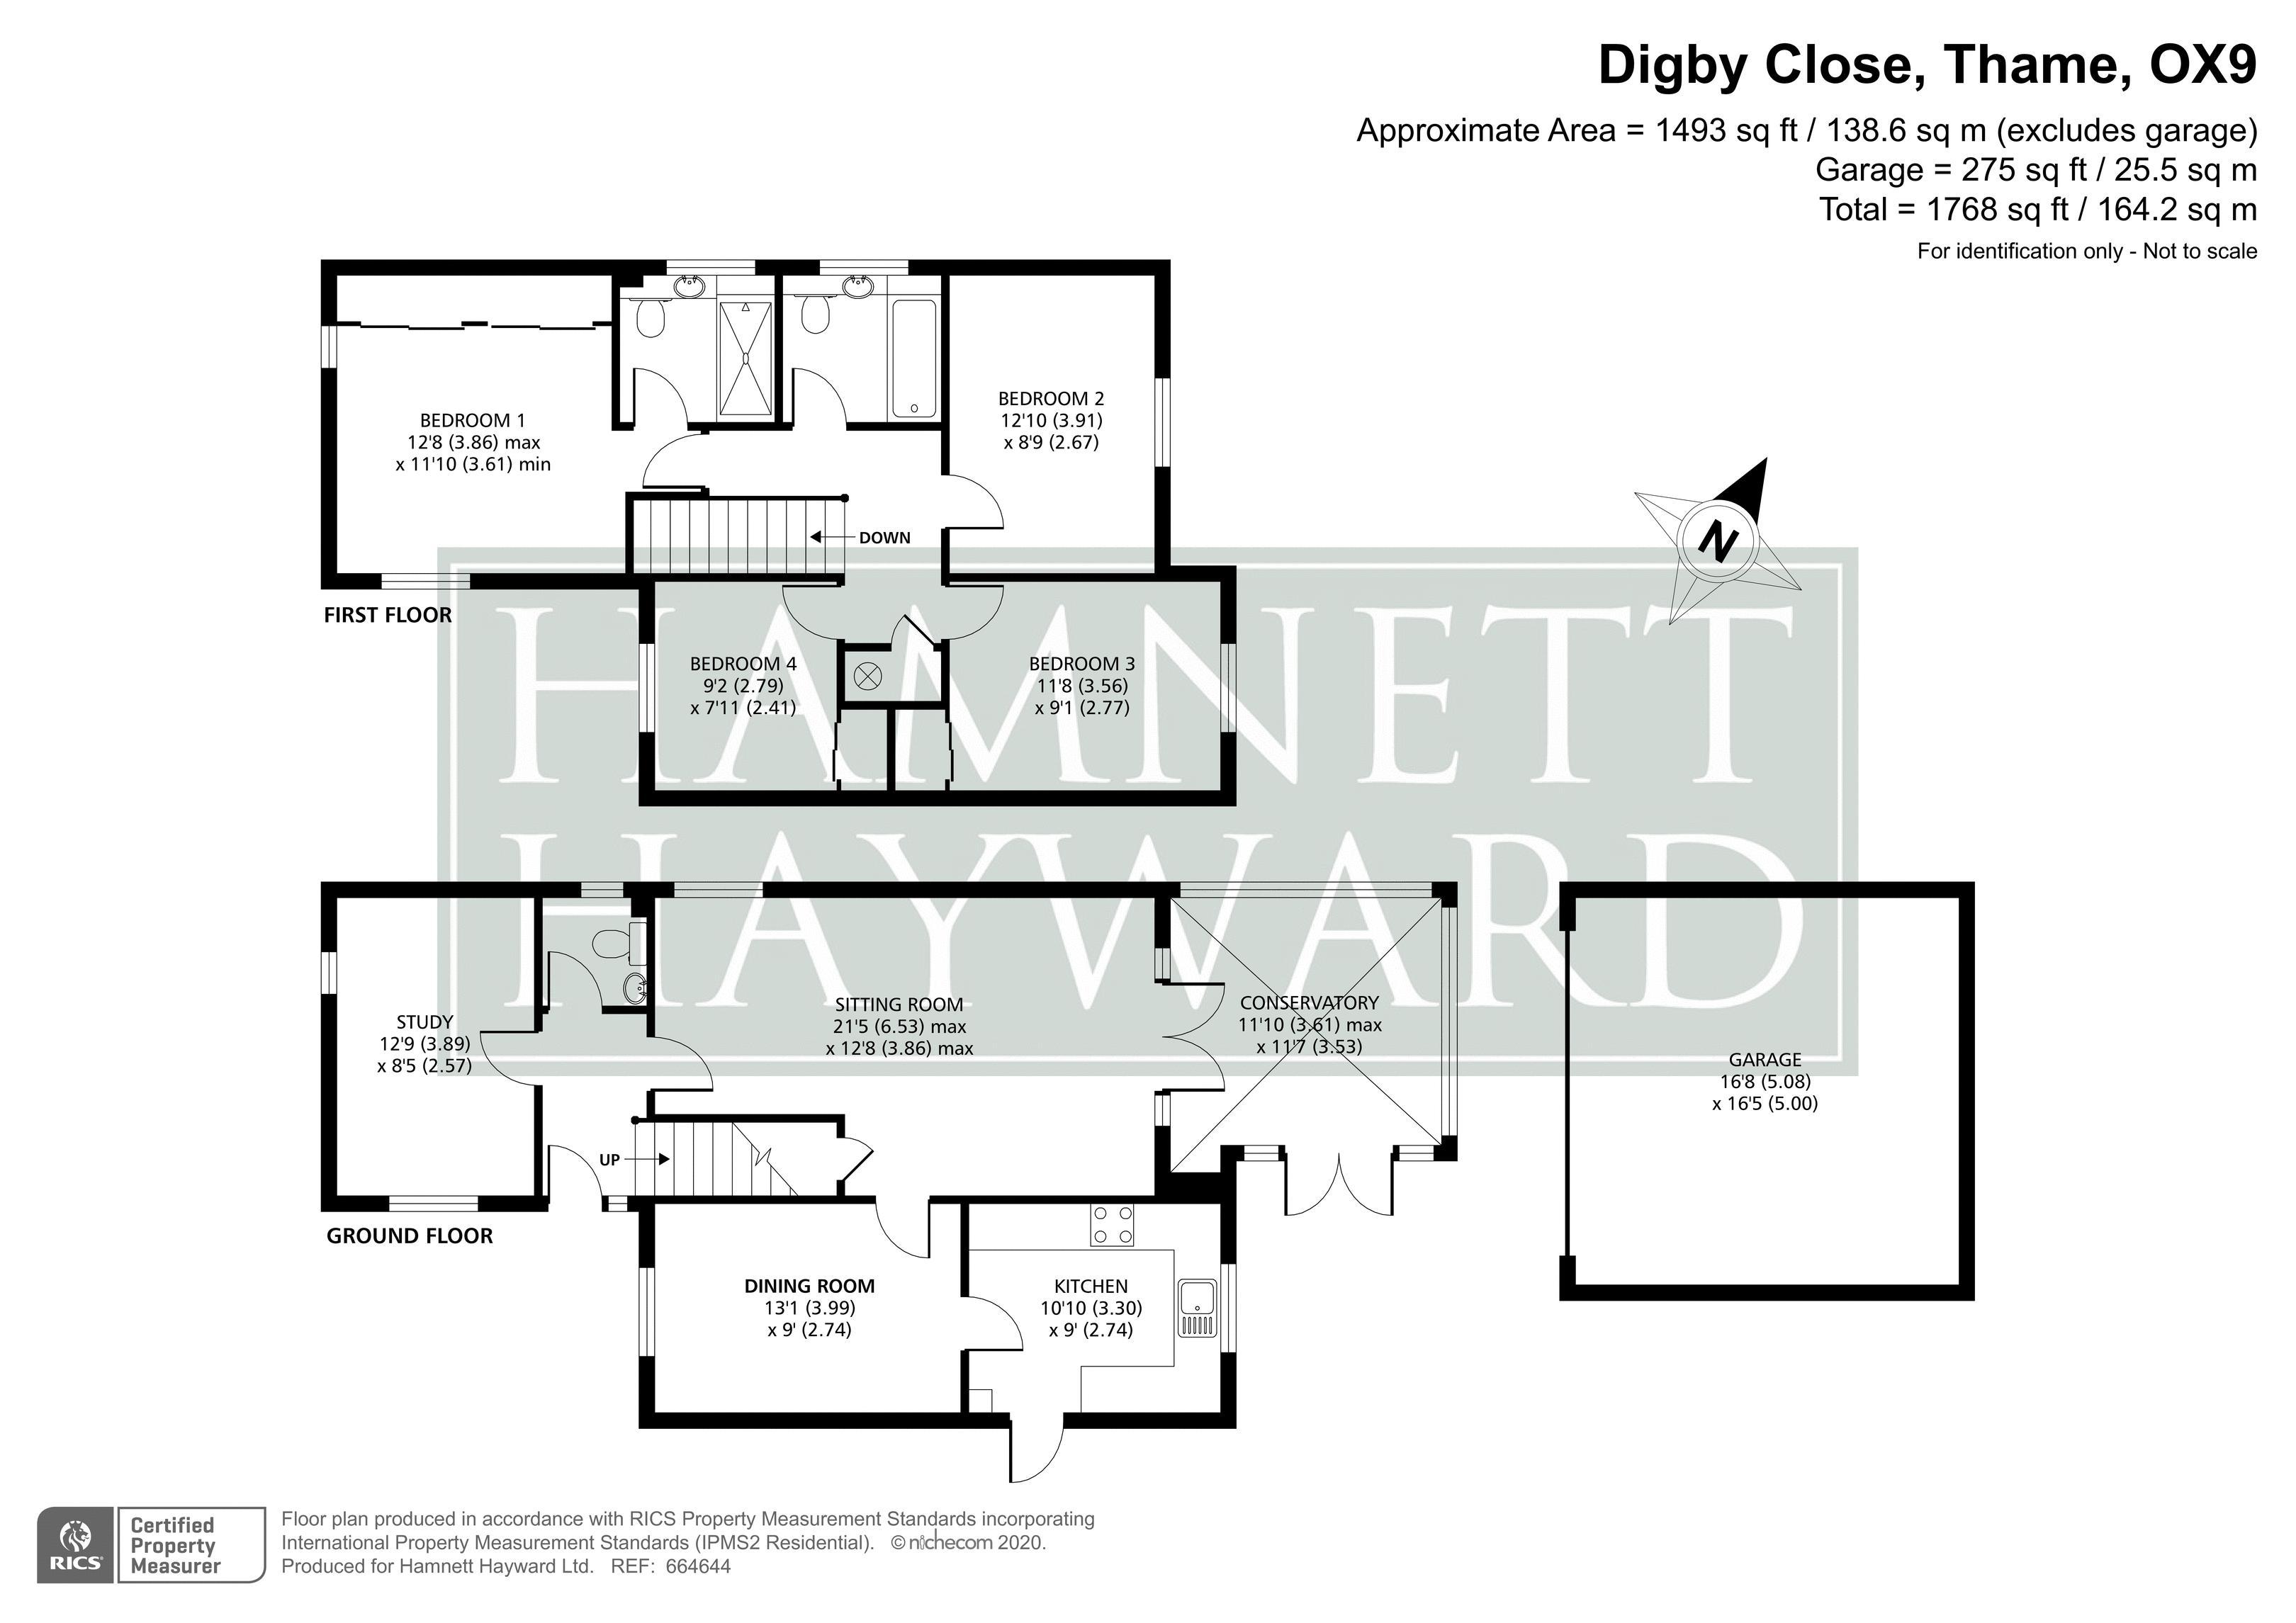 Digby Close